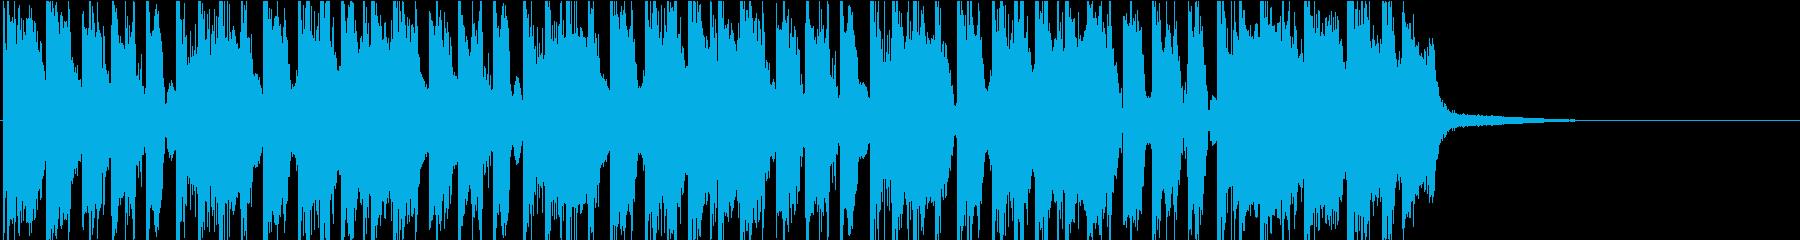 可愛い・パーティ・ポップ・楽しい 20秒の再生済みの波形